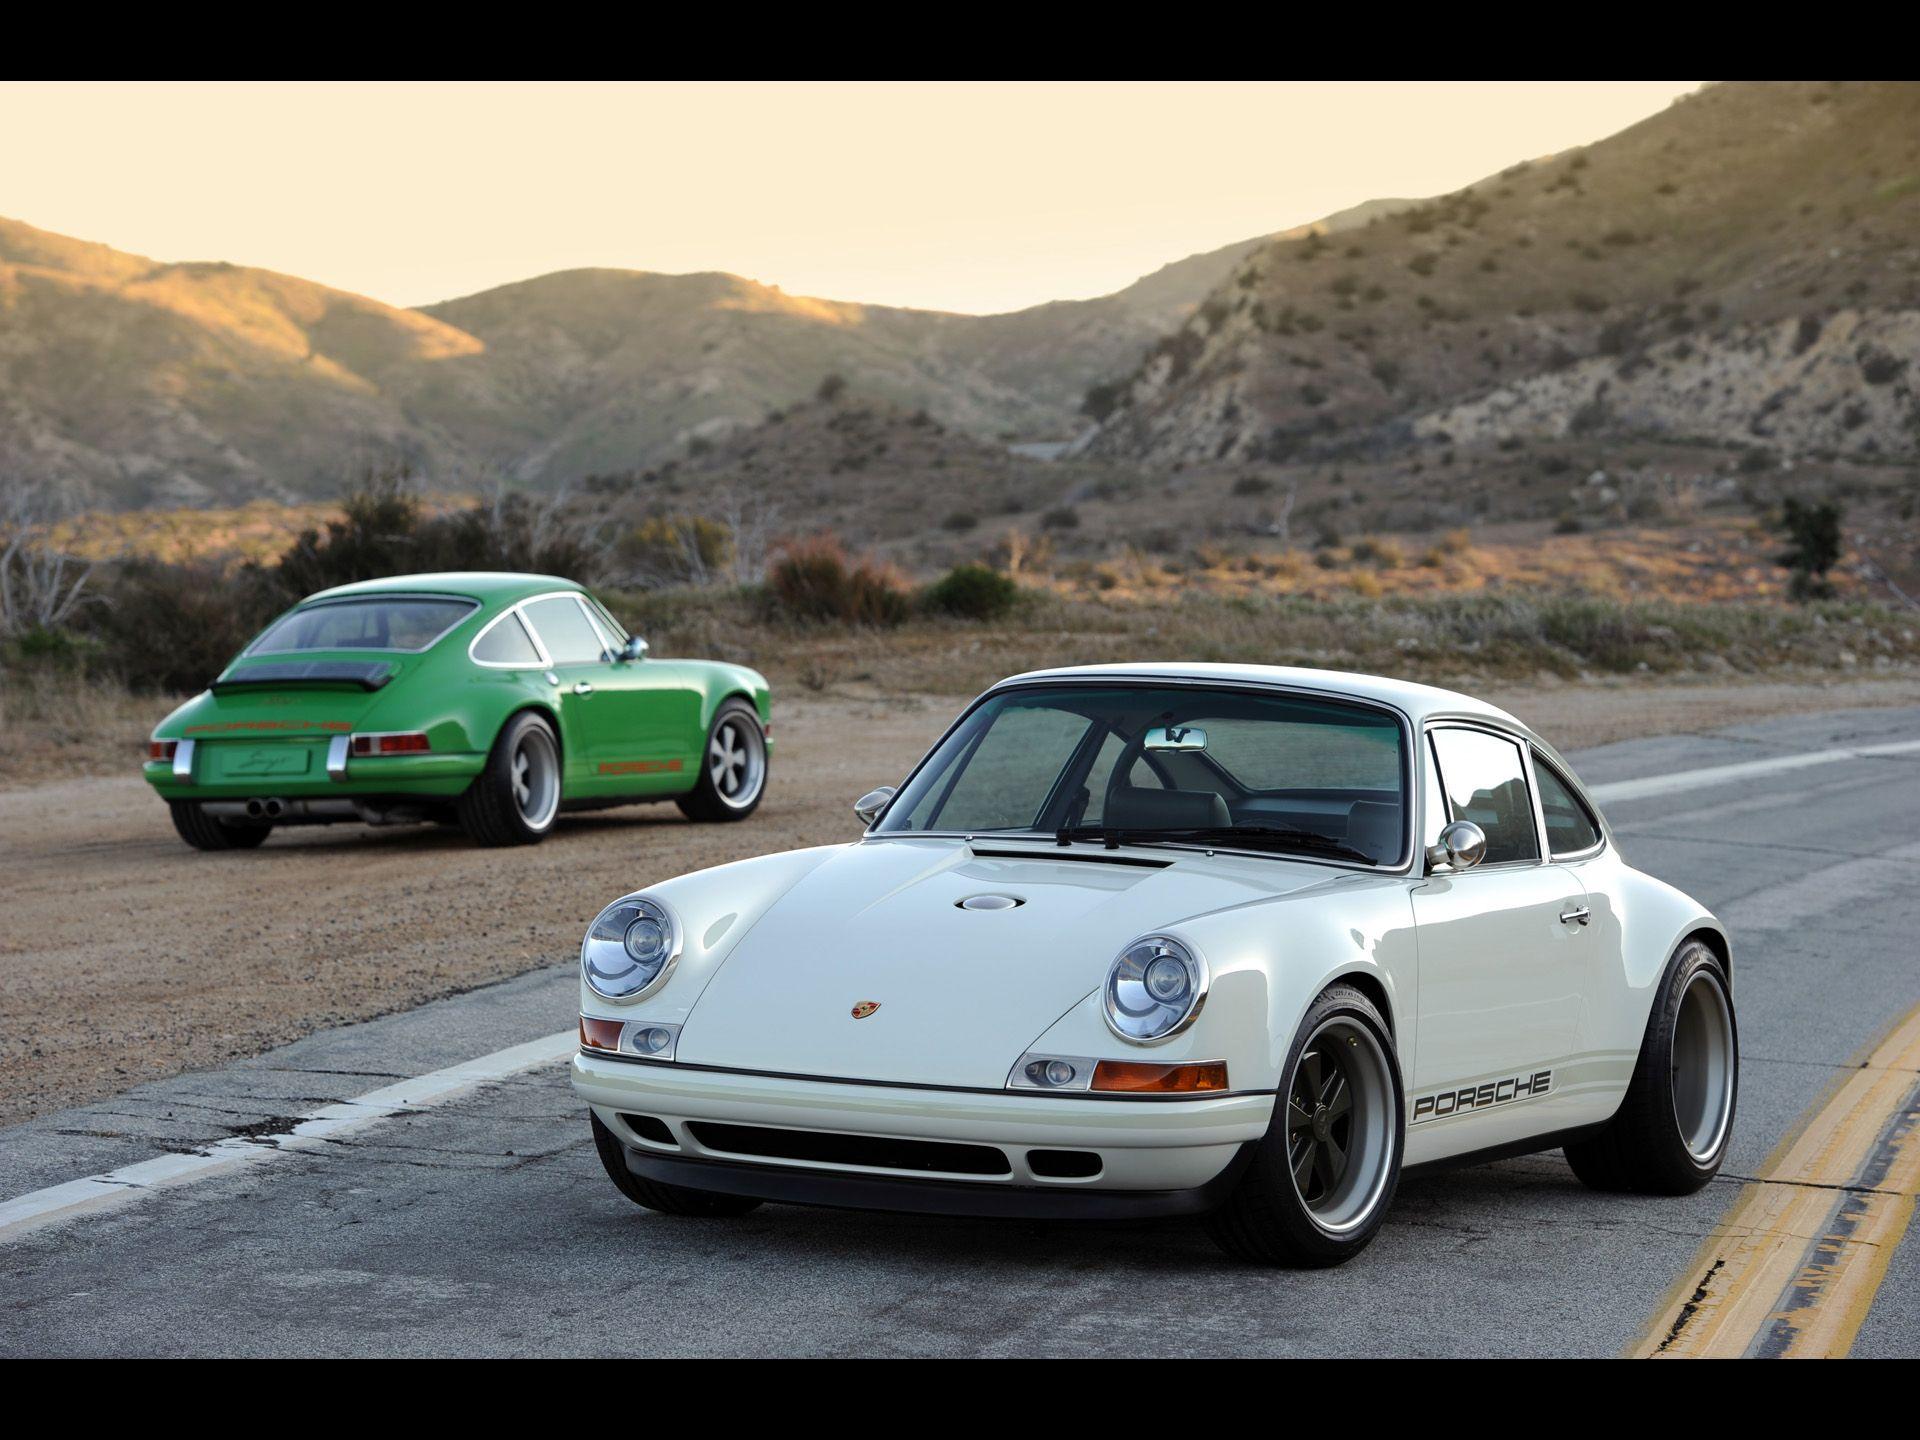 Singer Design Porsche Porsche Porsche 911 Hd Wallpaper